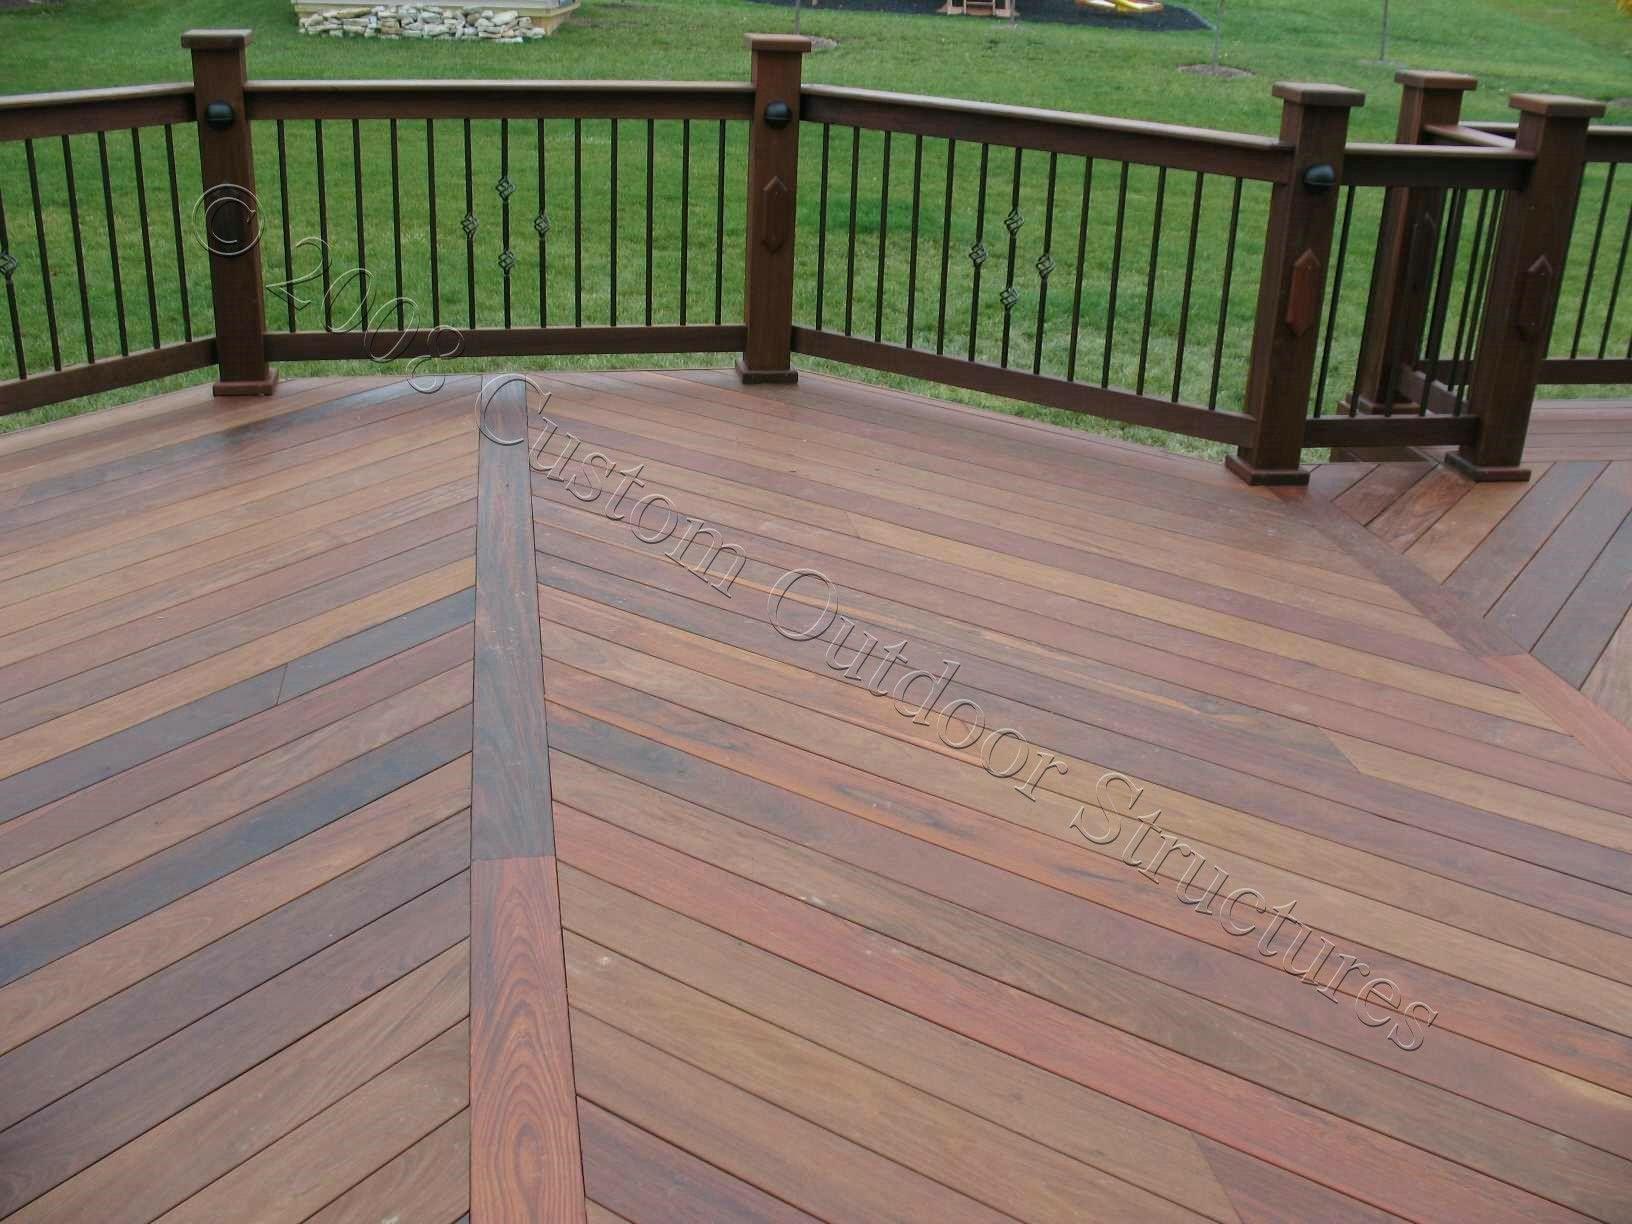 Pressure Treated Wood Decking Spacing Deck Patterns Deck Designs Backyard Treated Wood Deck